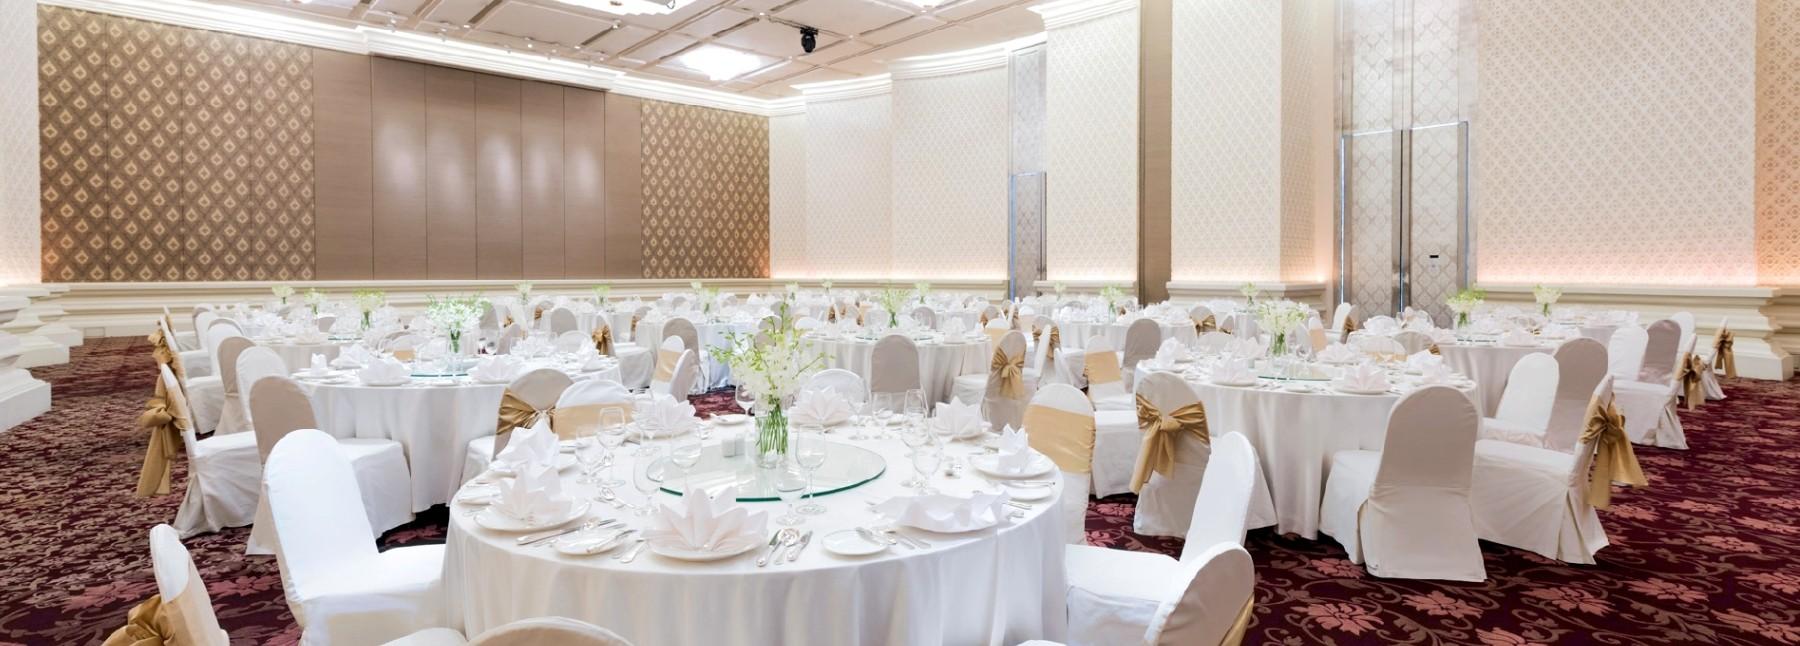 Ballrooms in Bangkok